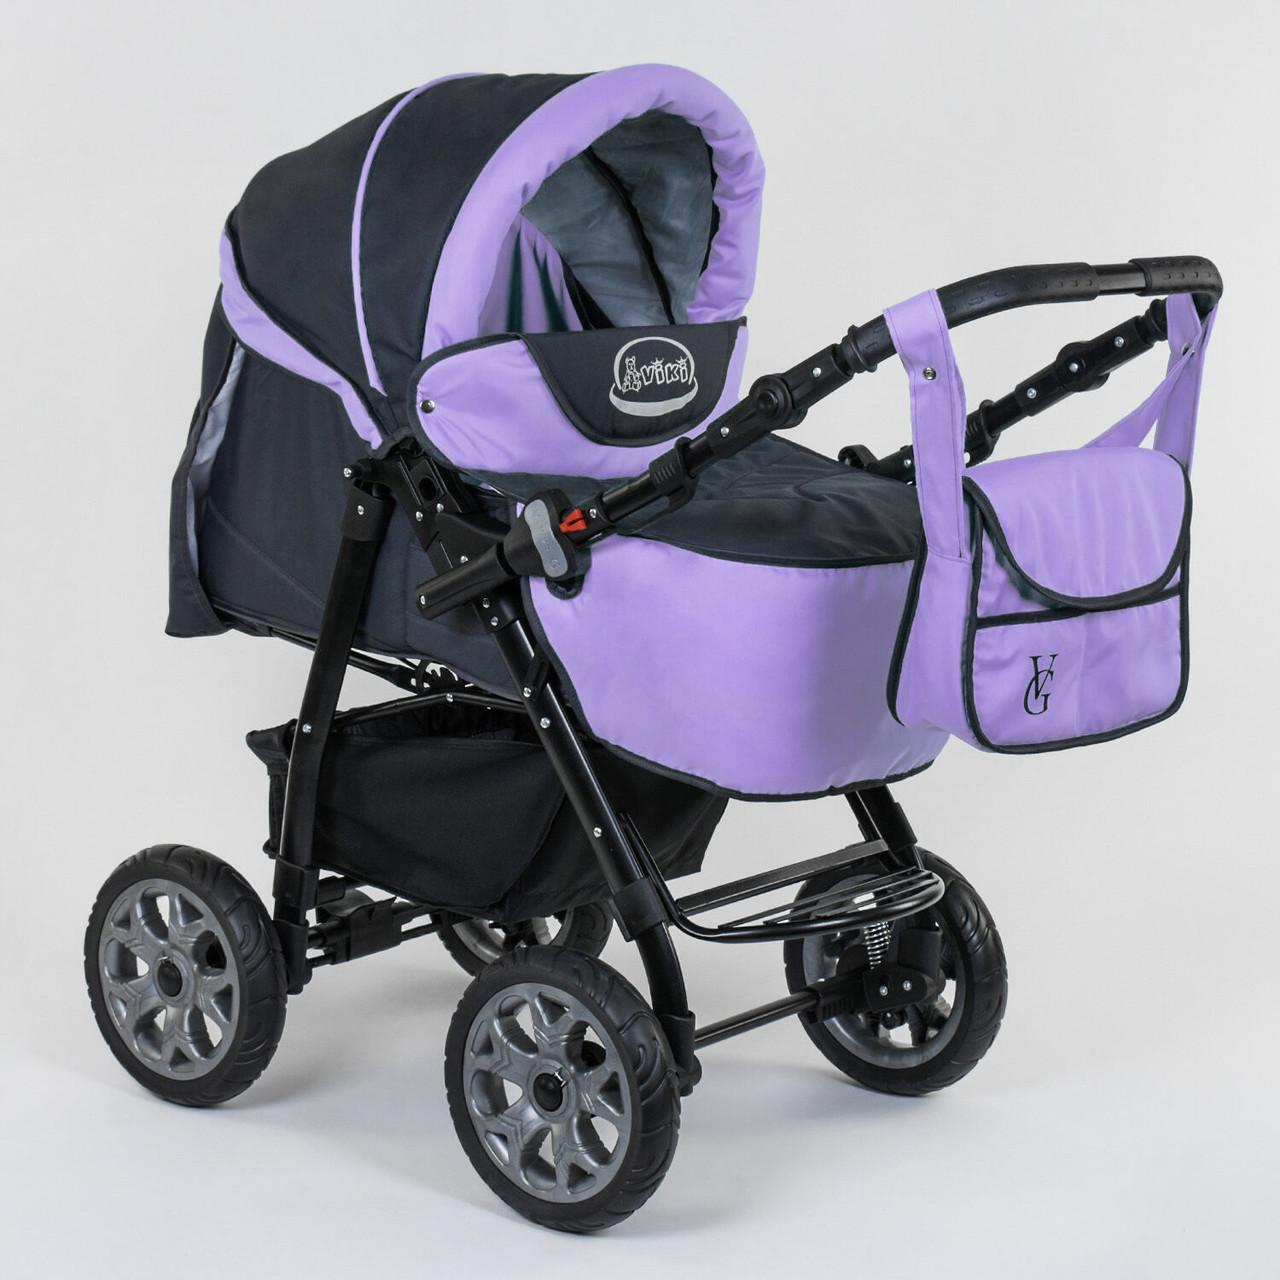 Детская коляска-трансформер Viki 86- С 301 Сиреневая Гарантия качества Быстрая доставка